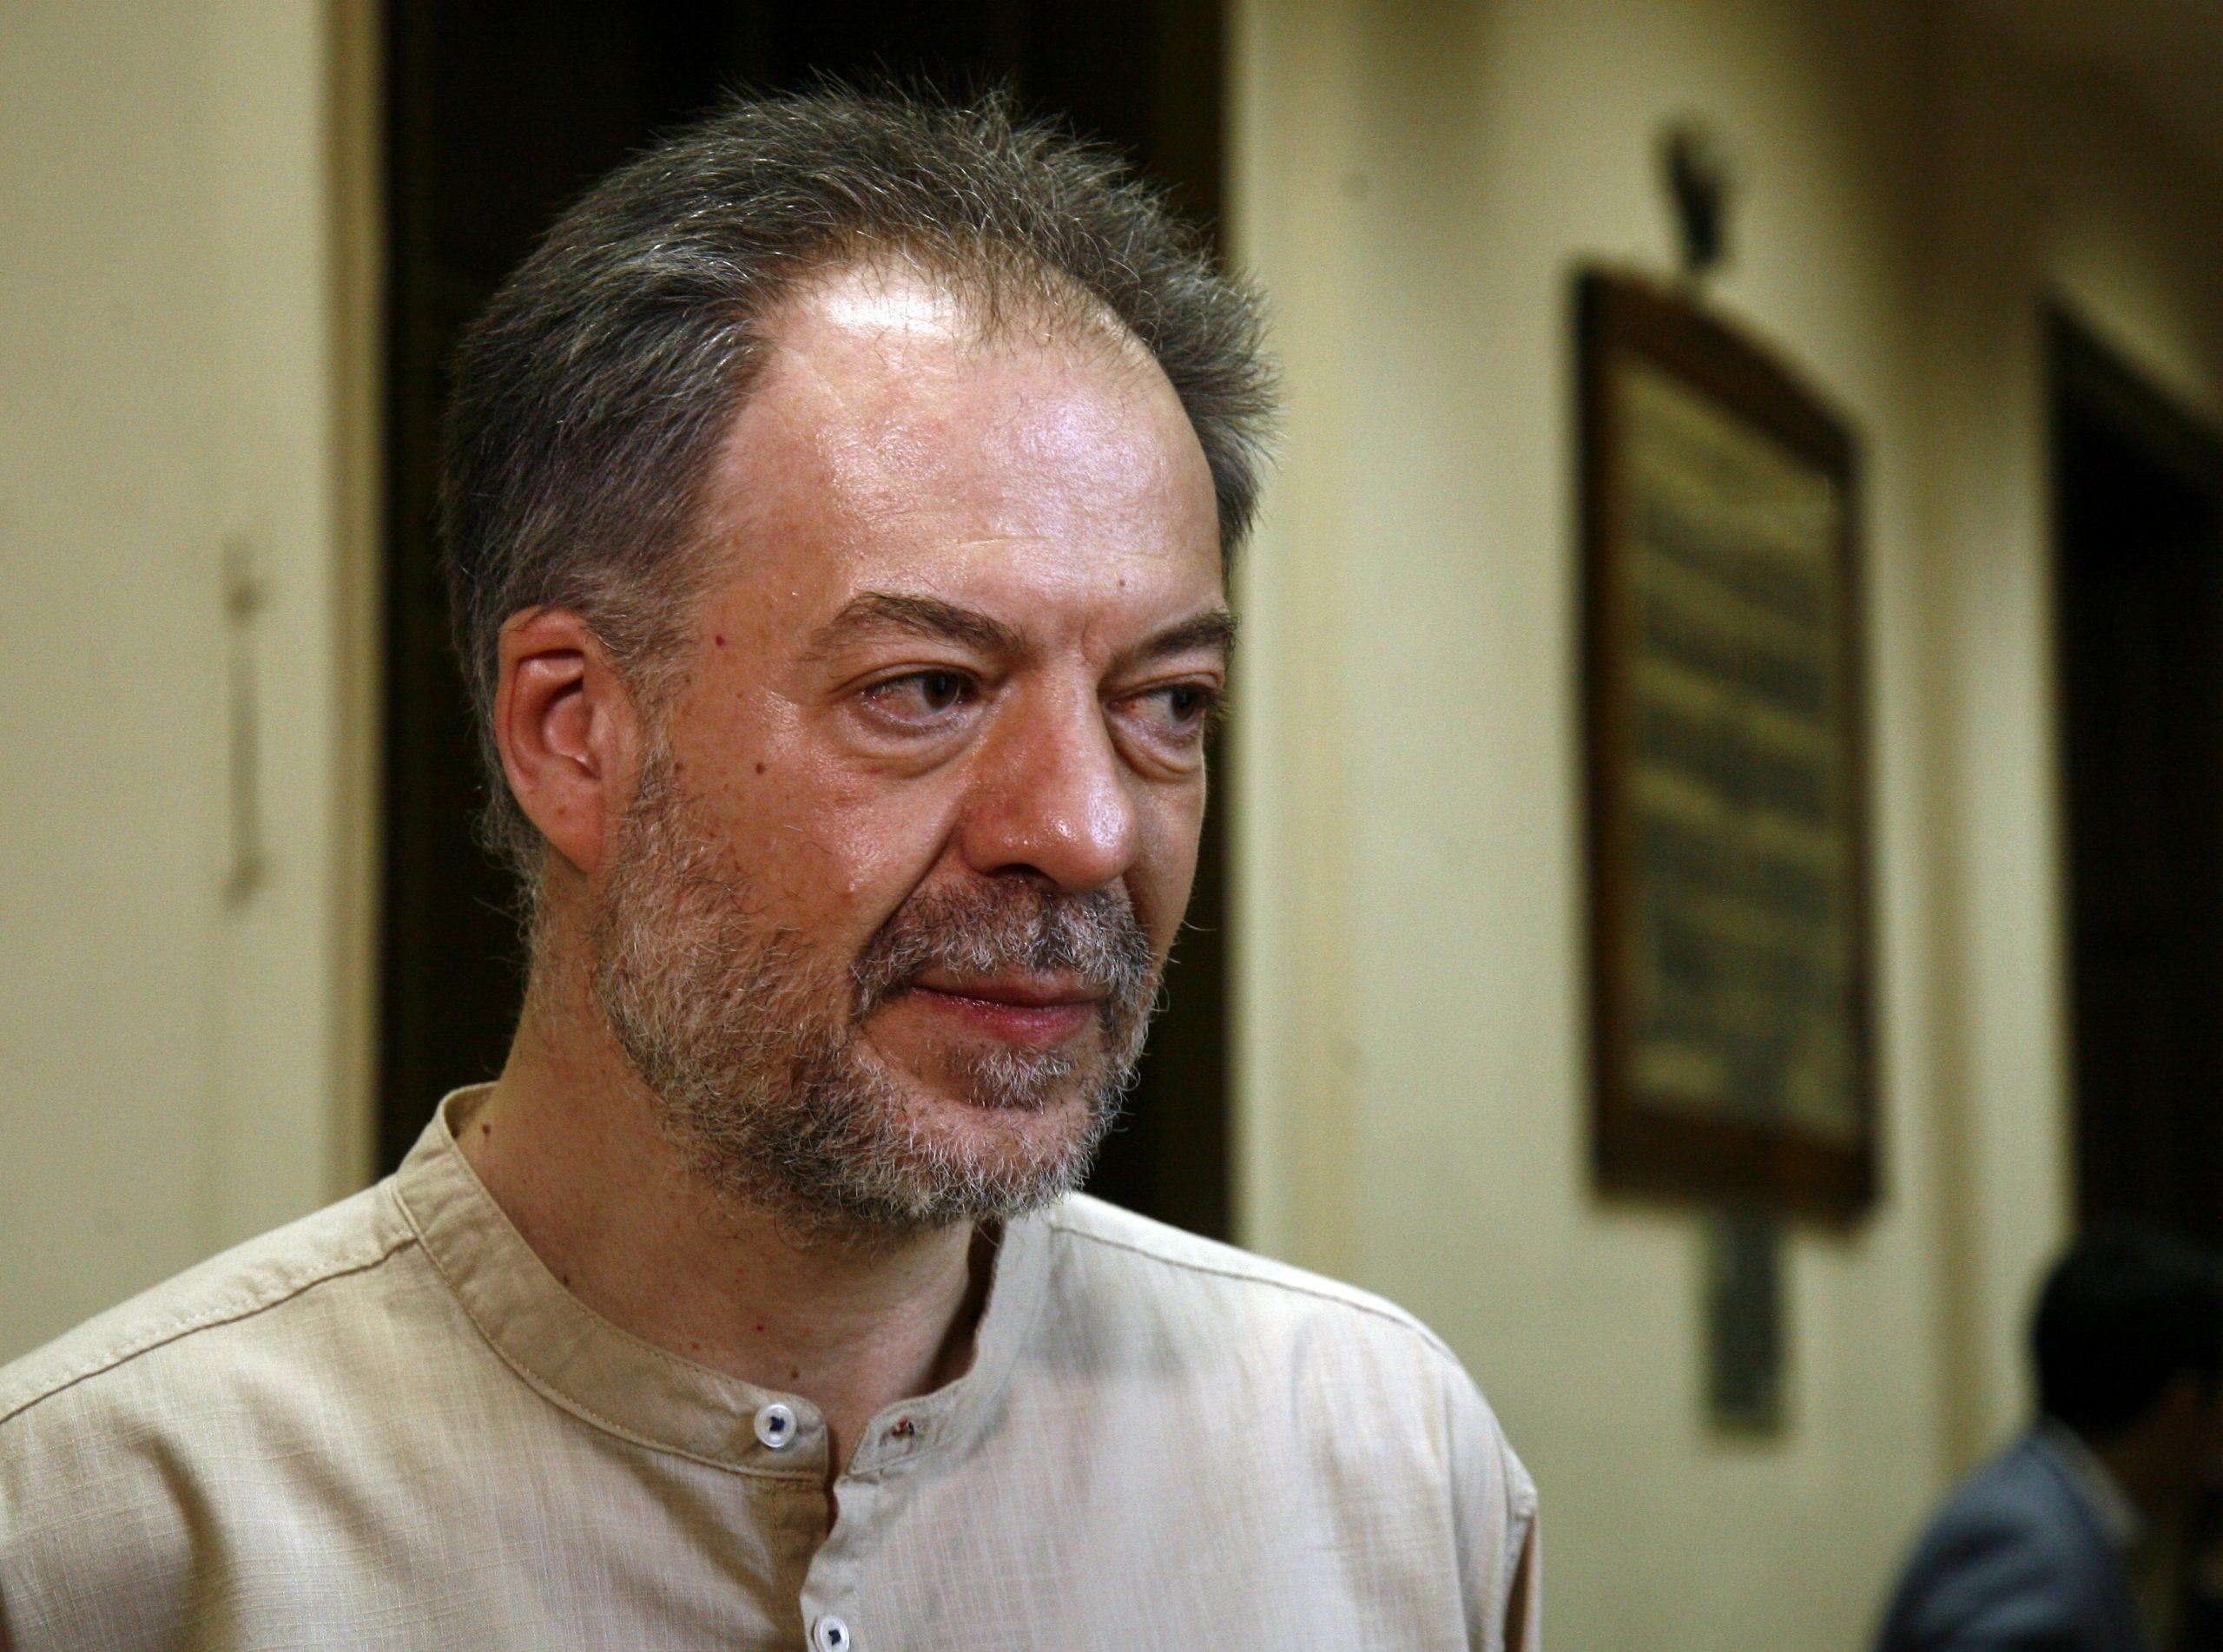 Borislav Čičovački